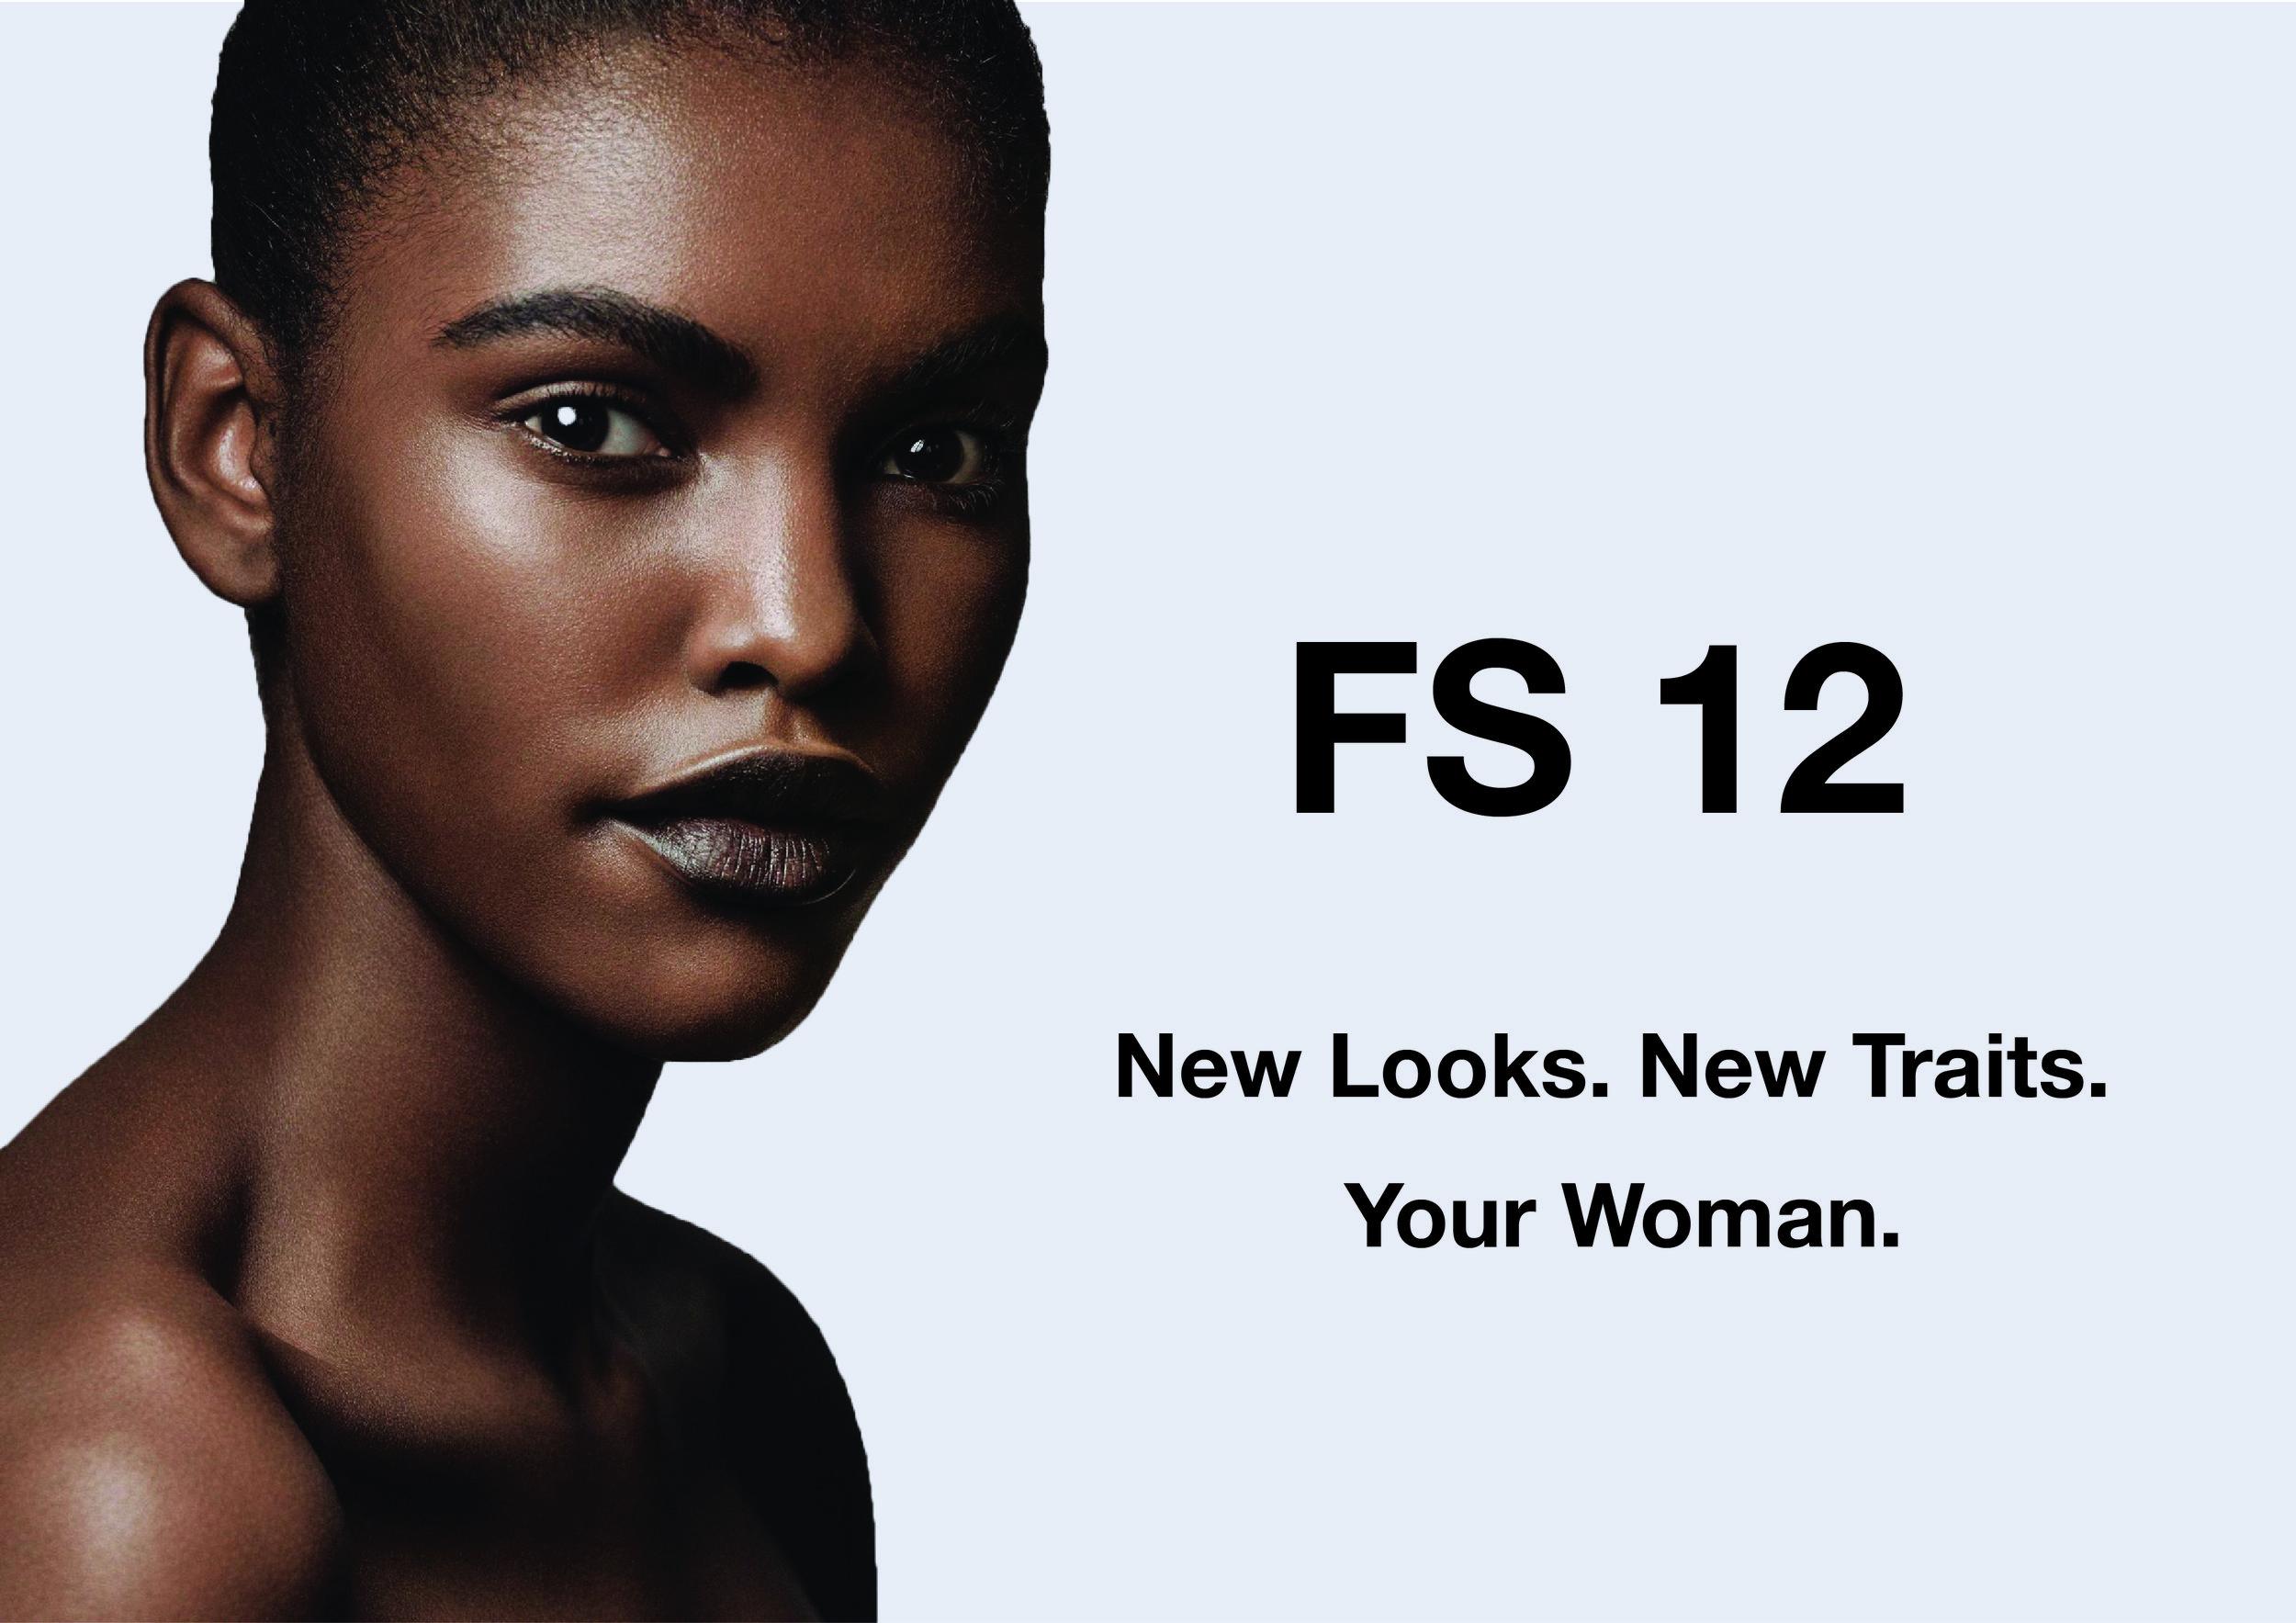 fs12.jpg